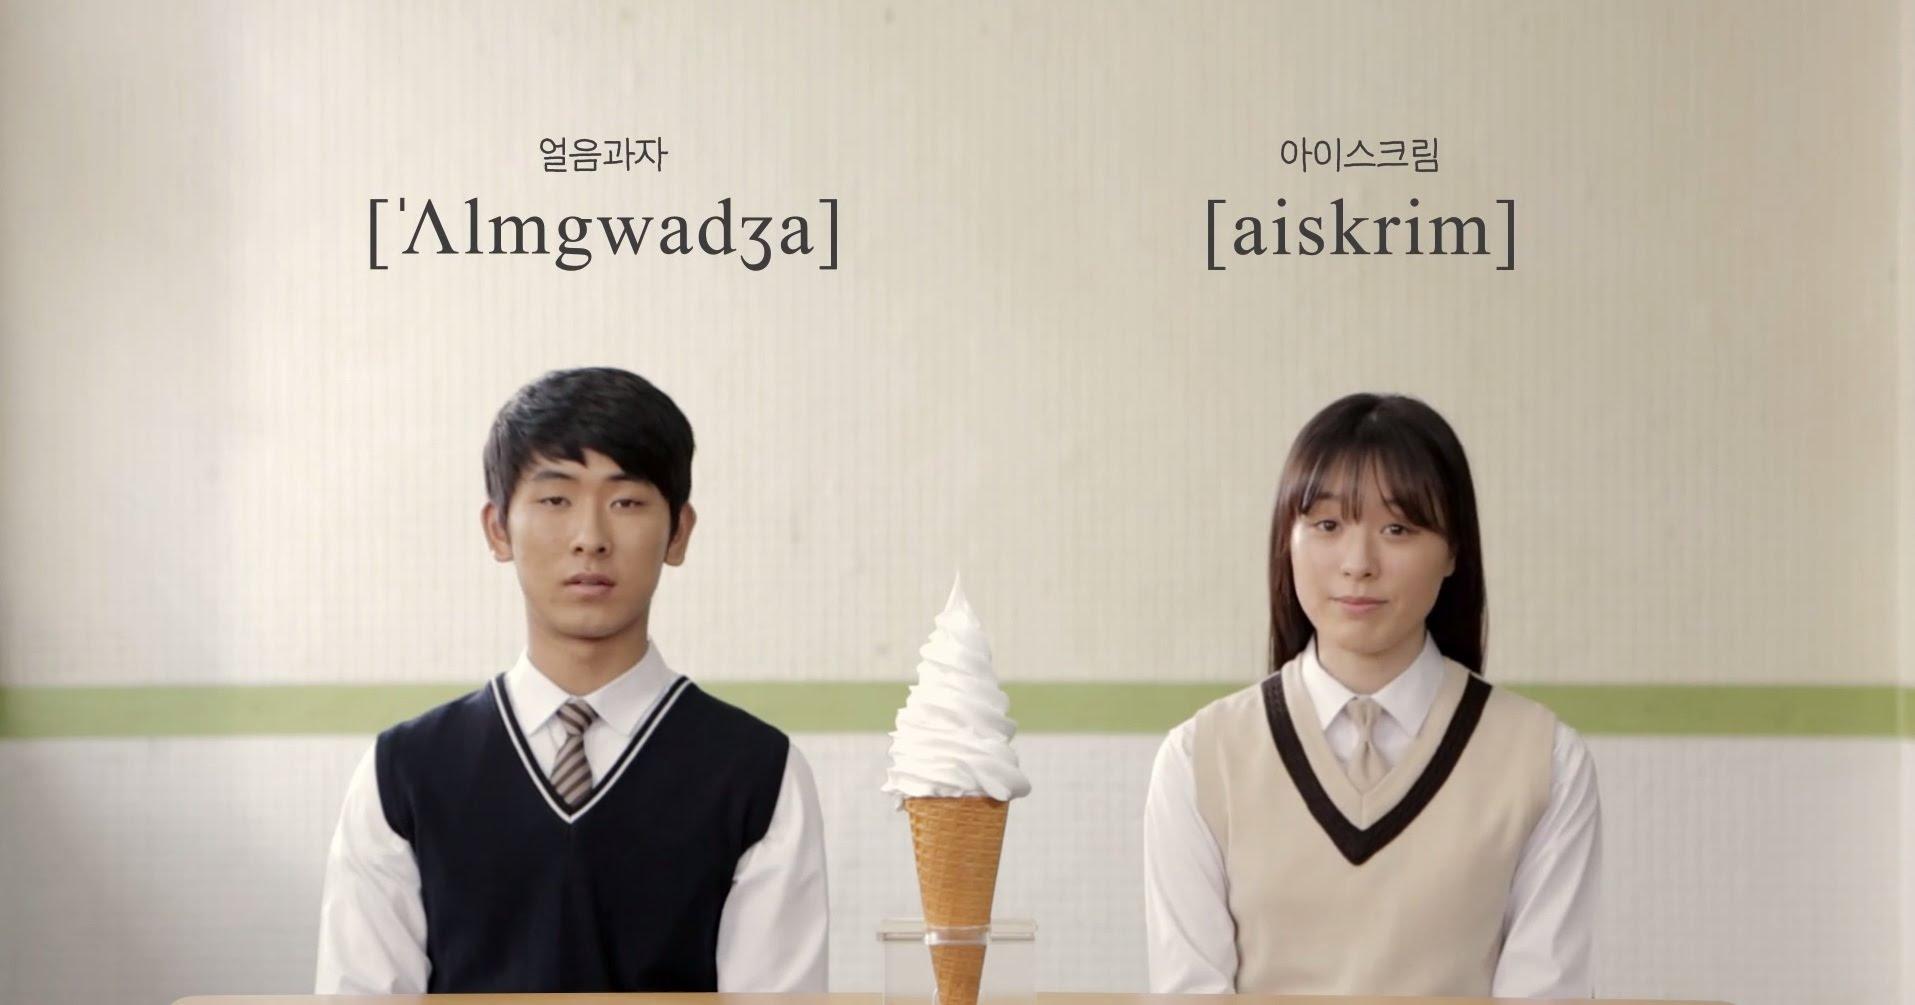 南北韓就連語言都大不同!脫北者:我的字典裡沒有『麥當勞』